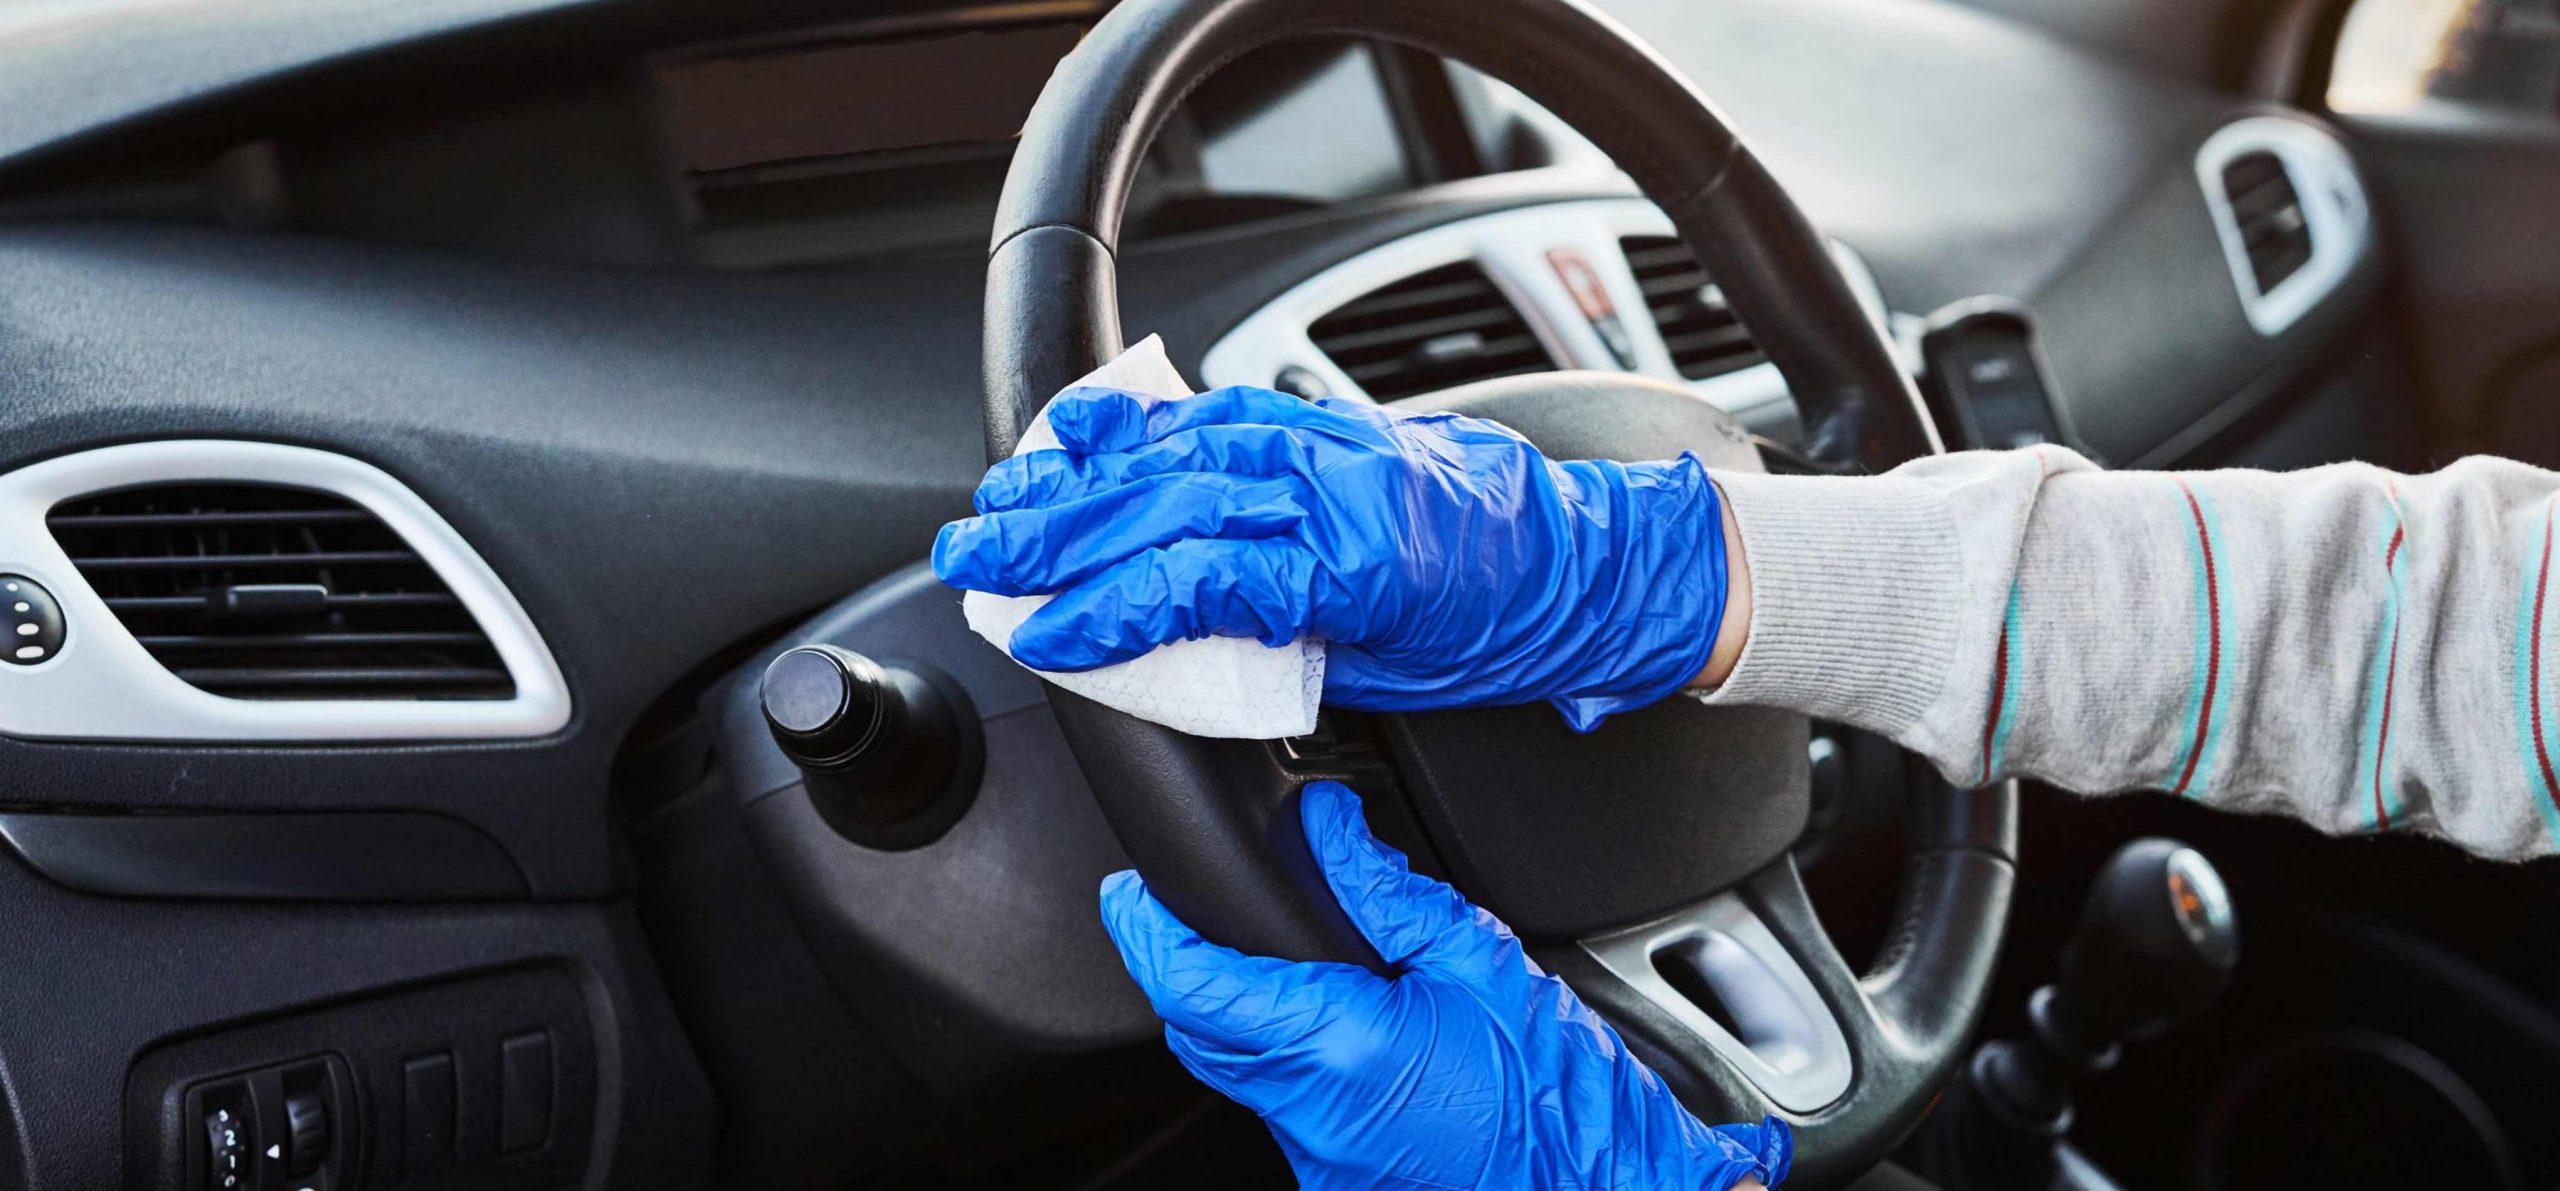 شستشوی خودرو و حساسیت